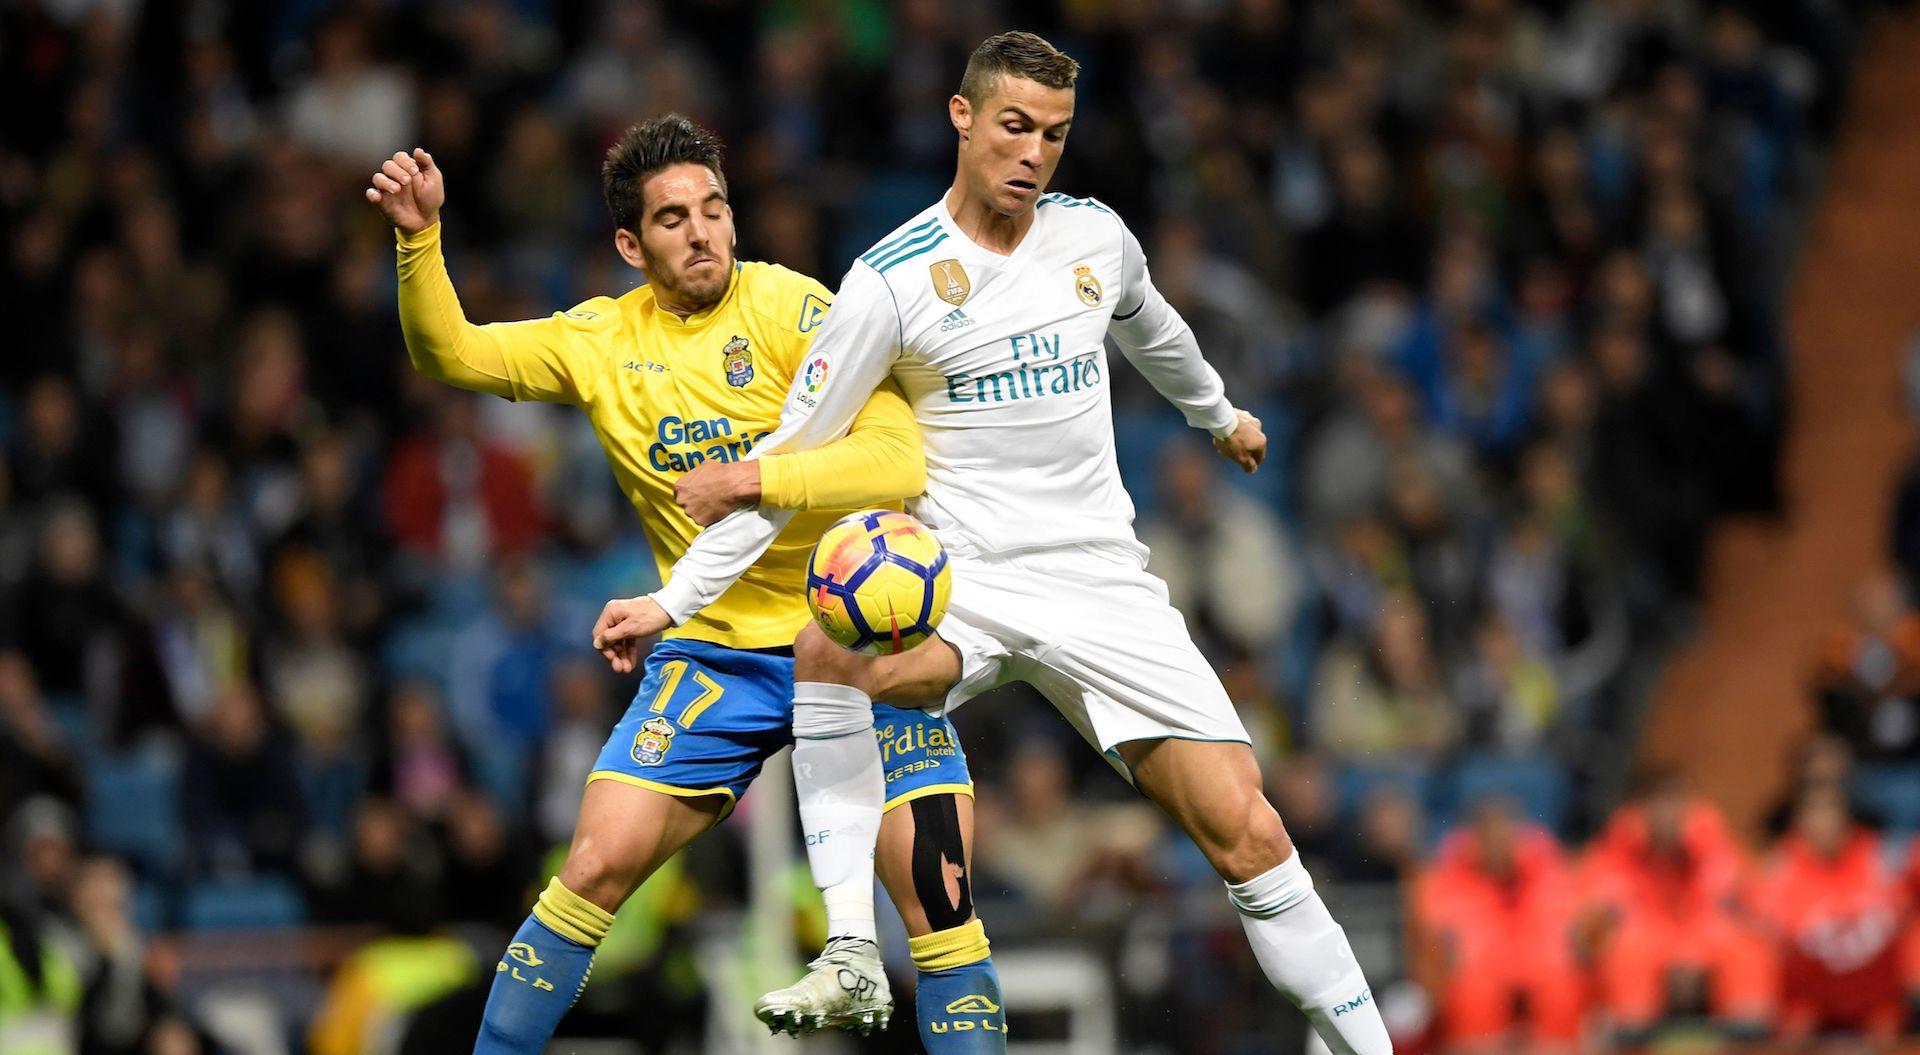 El hijo de Cristiano Ronaldo sorprendió a todos con un golazo